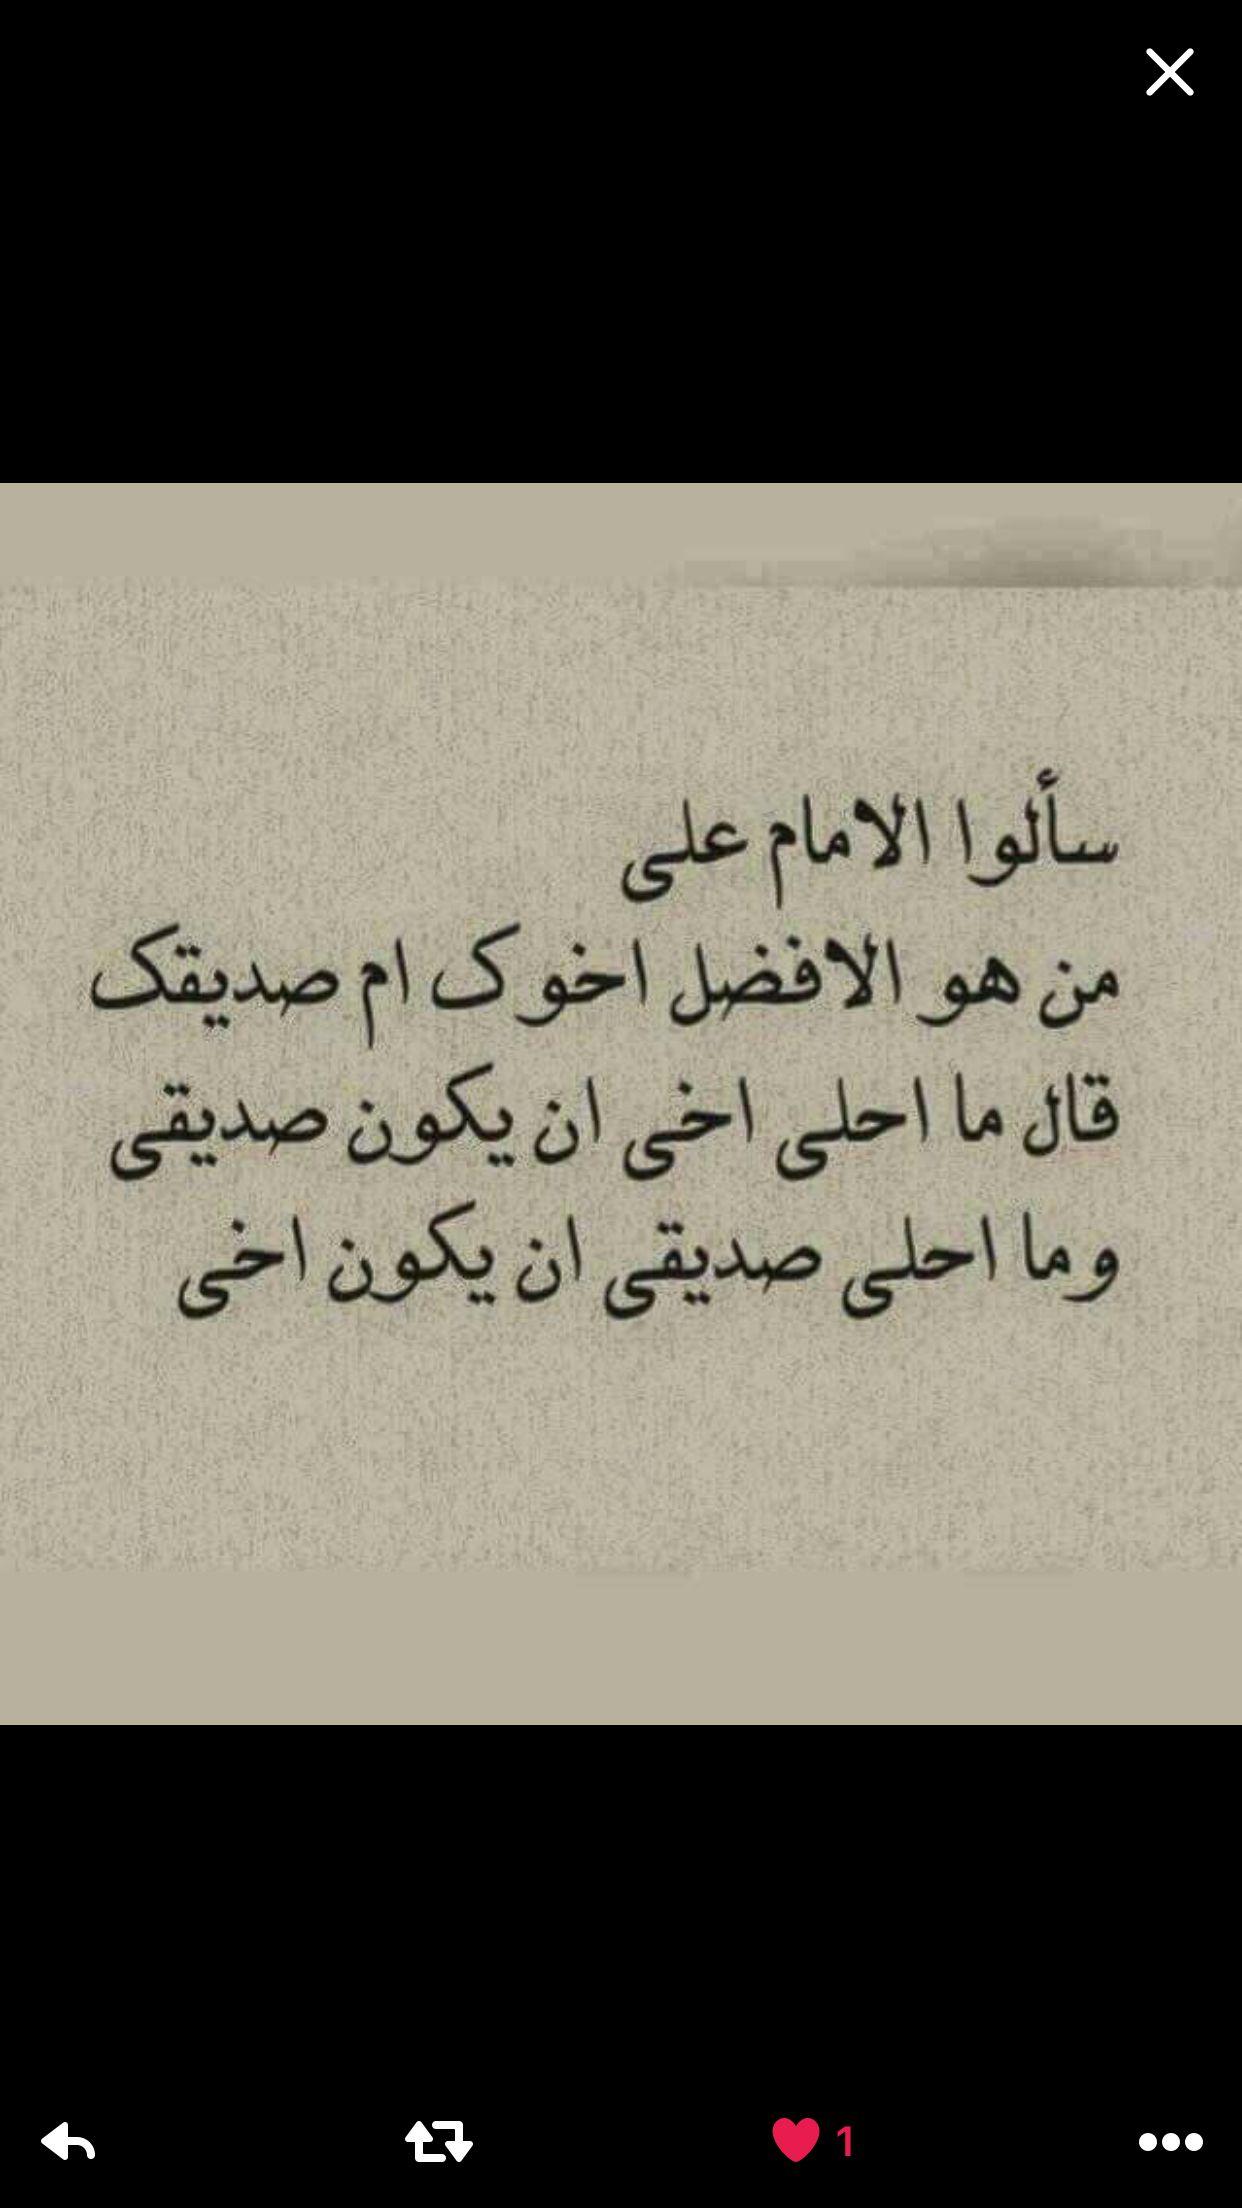 حكم الامام علي ع Islamic Phrases Islamic Inspirational Quotes Inspirational Quotes